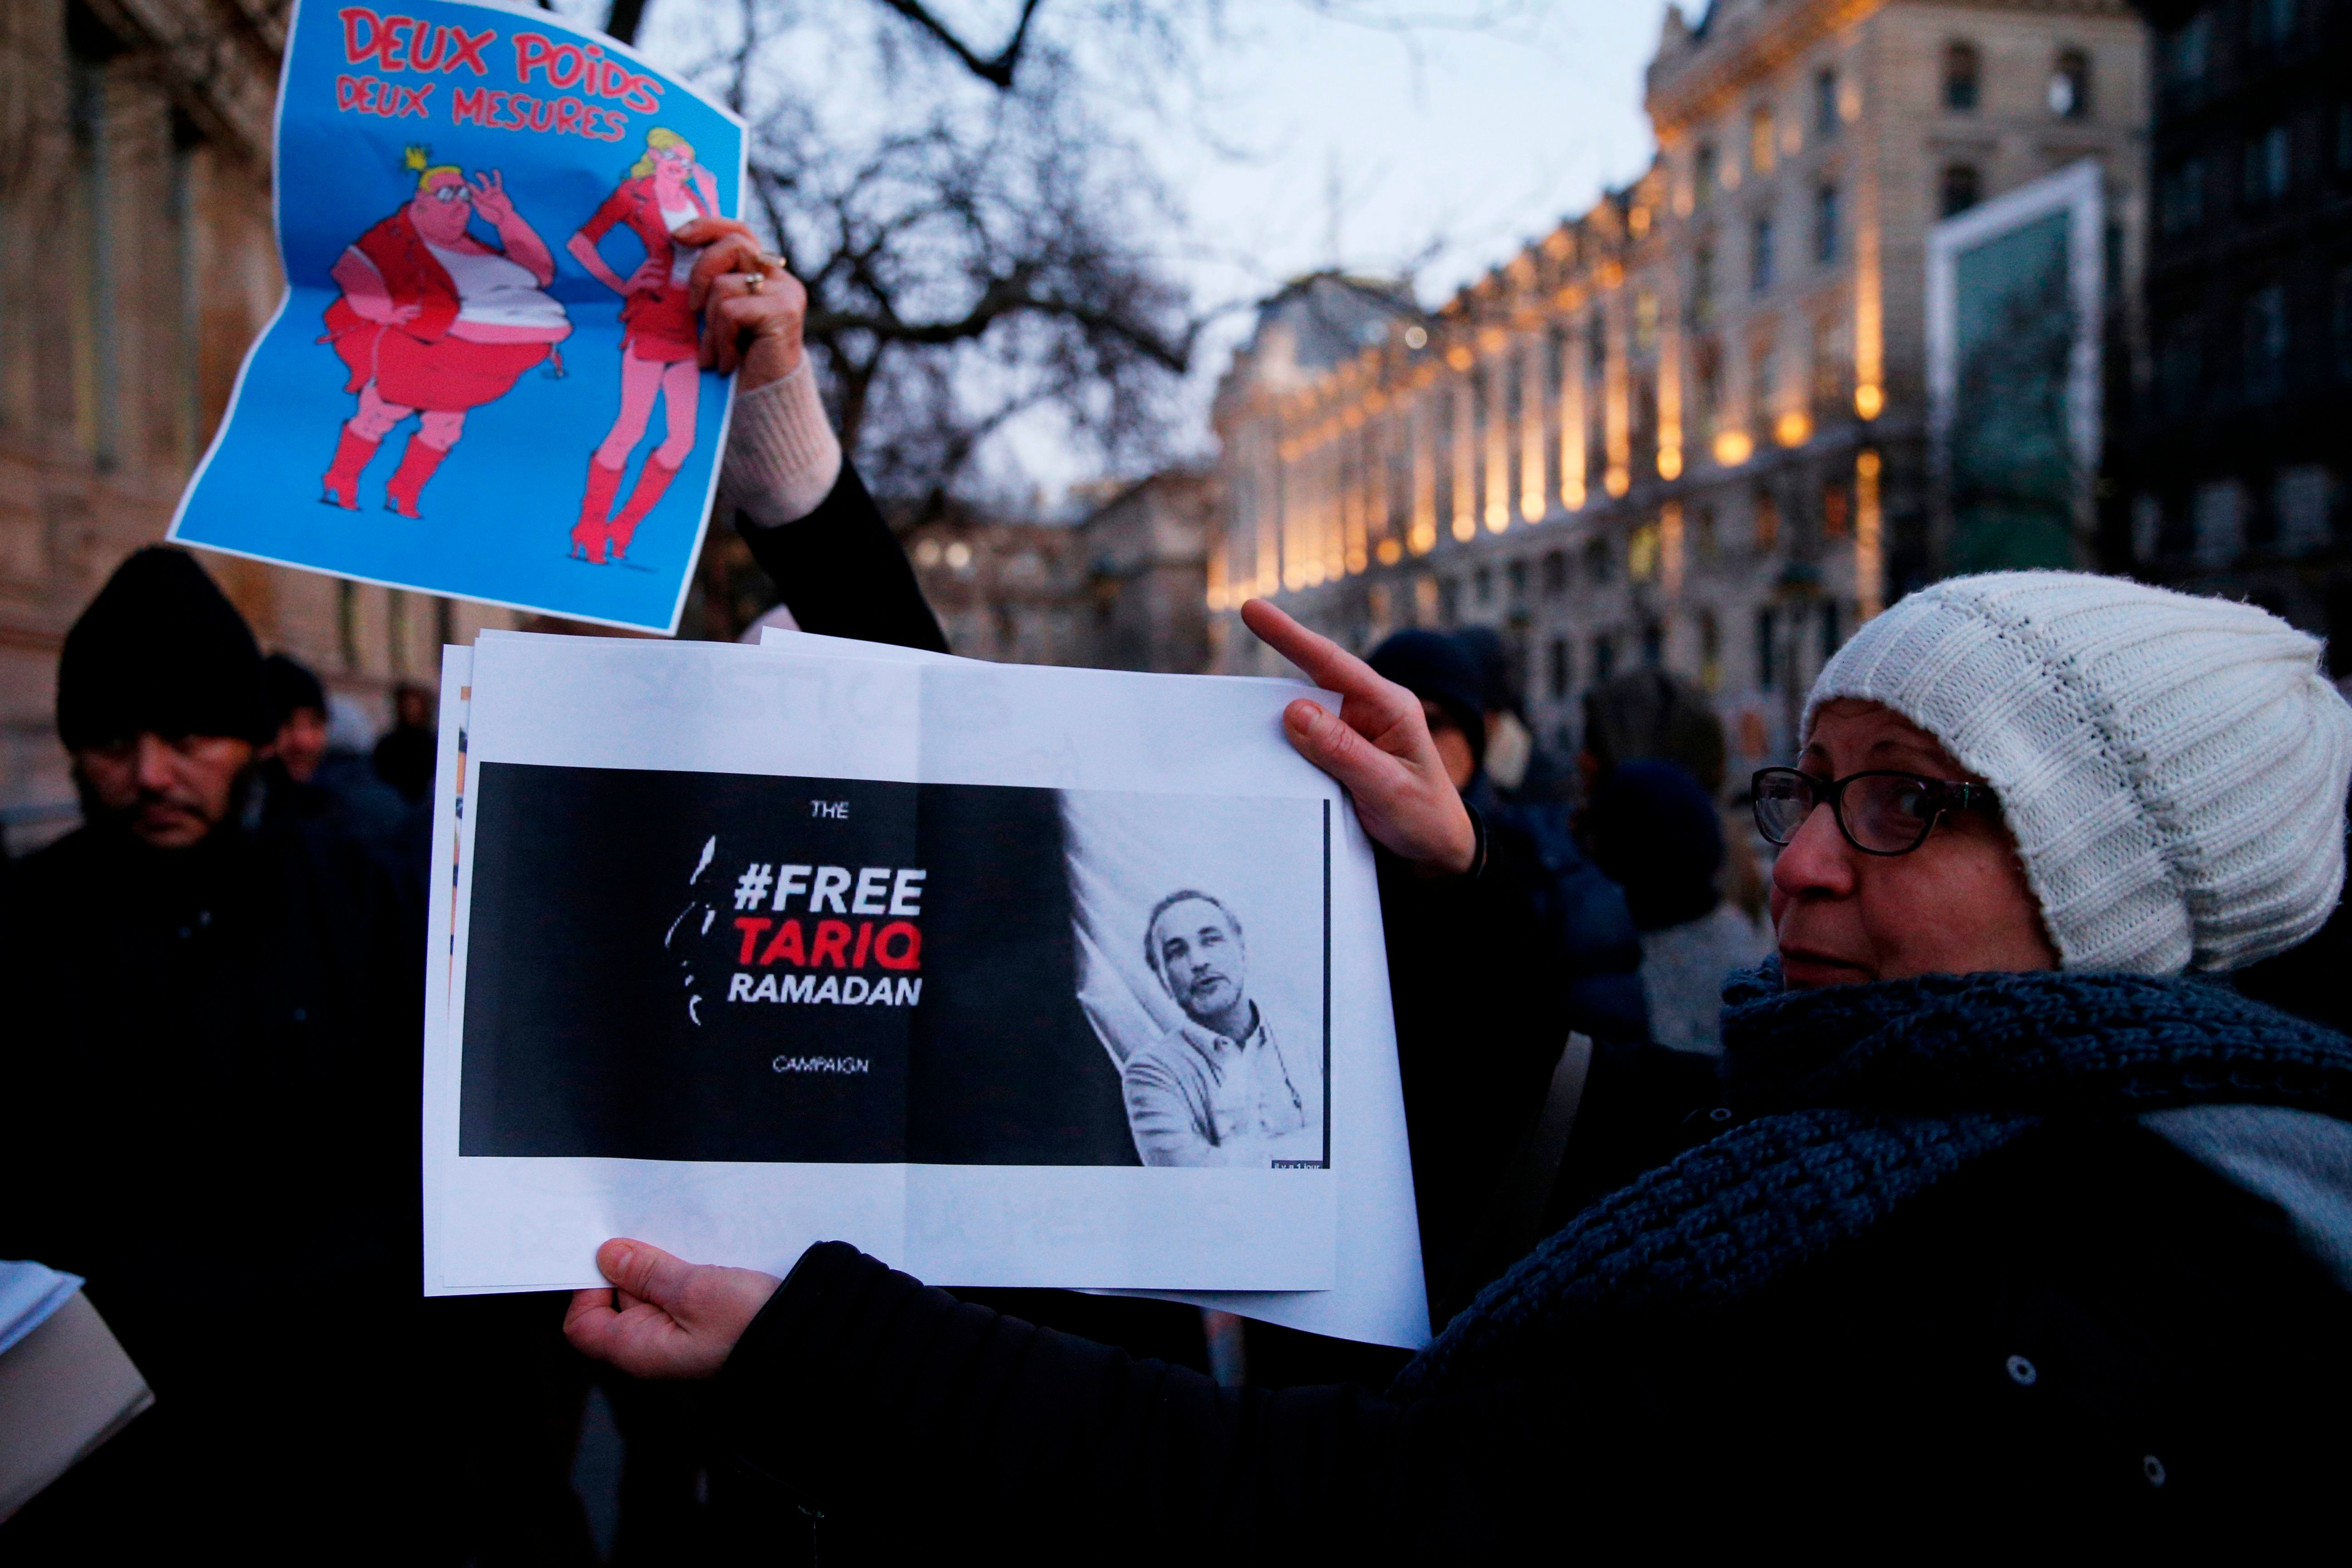 Affaire Tariq Ramadan: Mobilisation dans 25 villes du monde en soutien à l